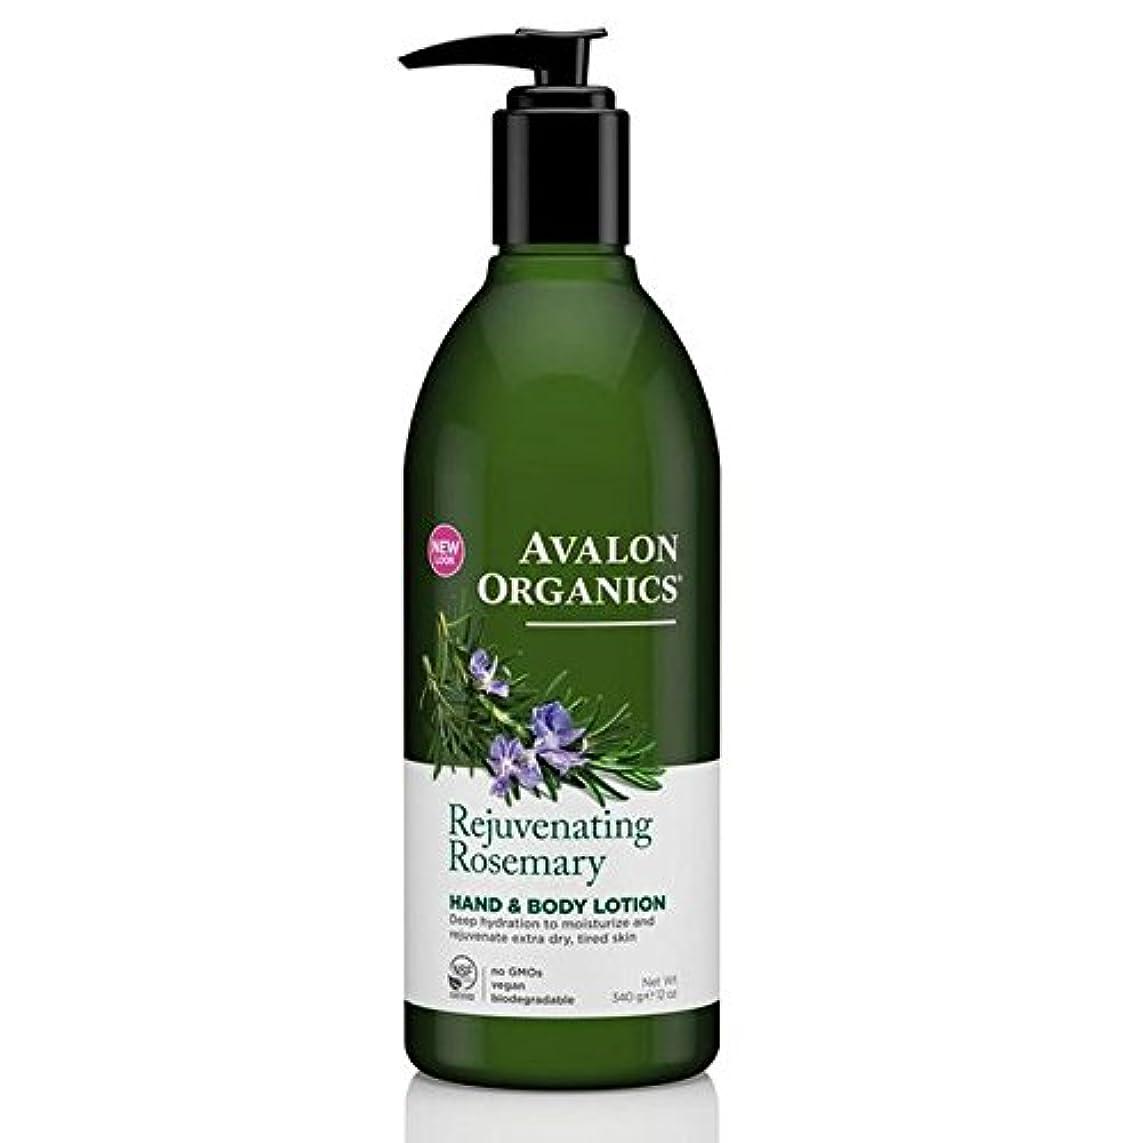 敬の念思い出すイースターAvalon Organics Rosemary Hand & Body Lotion 340g - (Avalon) ローズマリーハンド&ボディローション340グラム [並行輸入品]